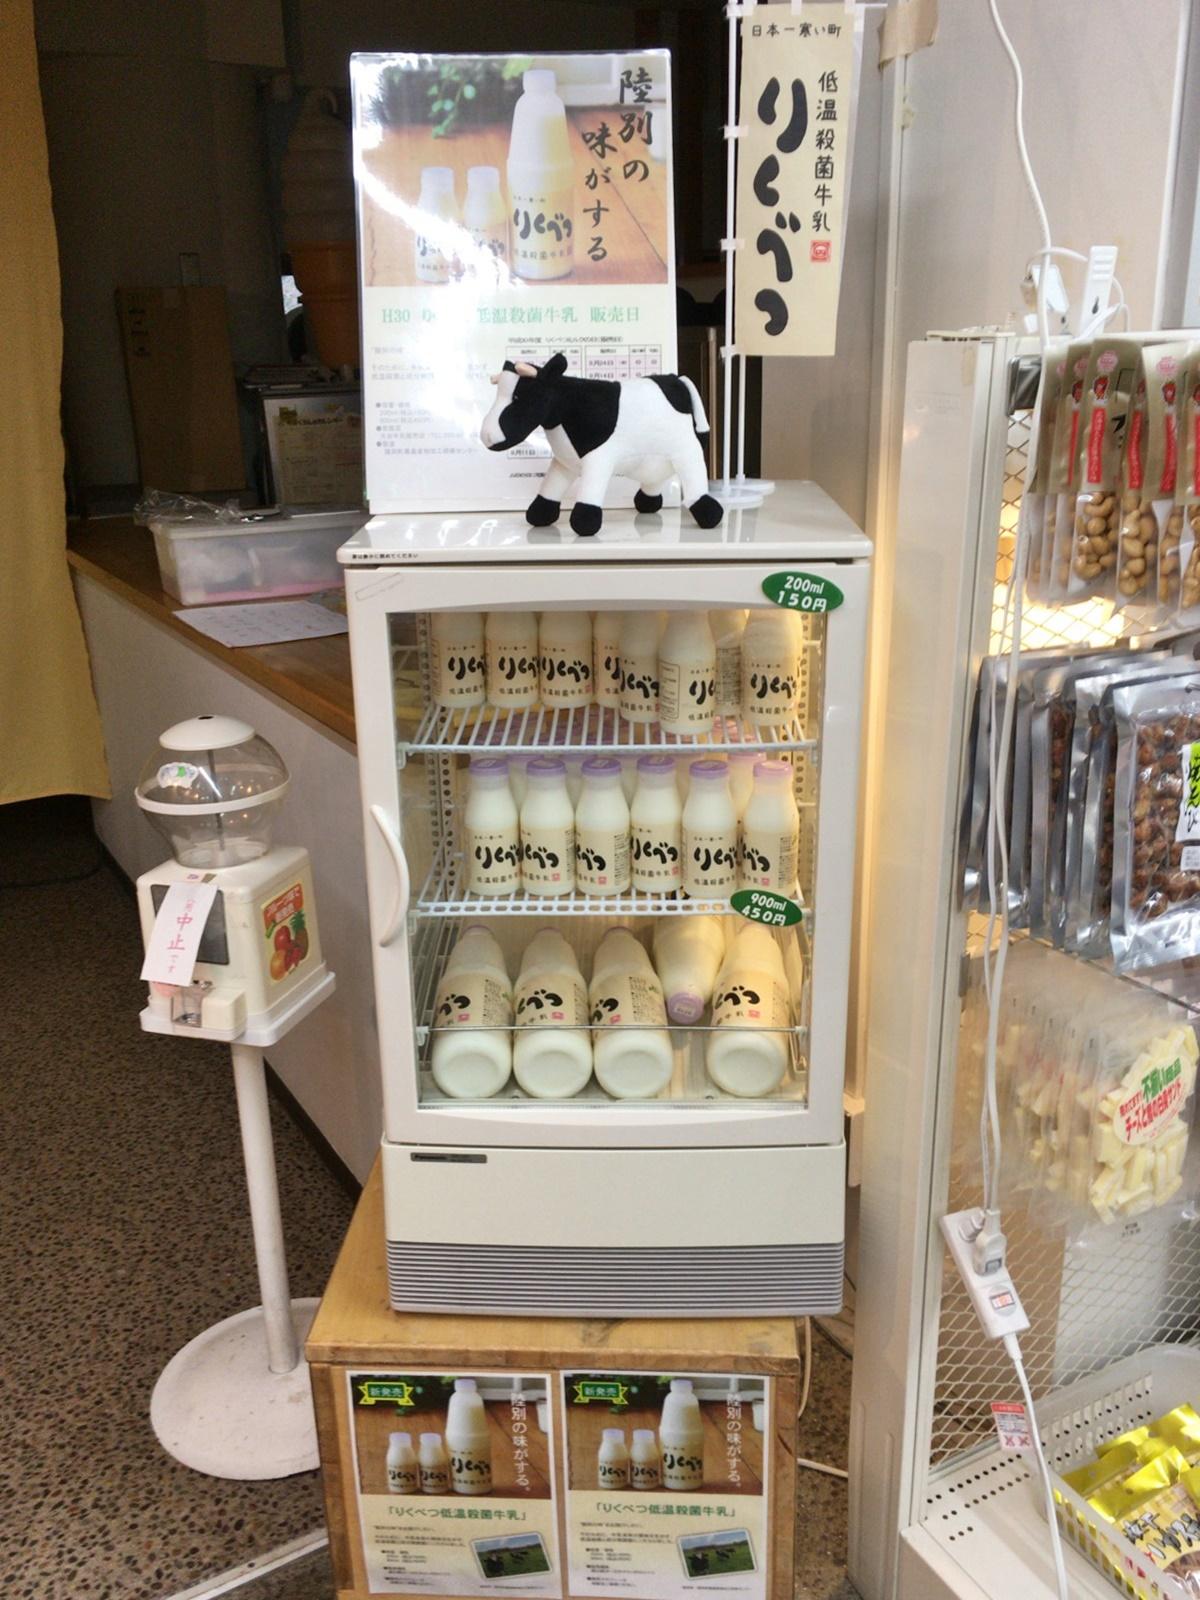 りくべつ牛乳 売店にて.JPG